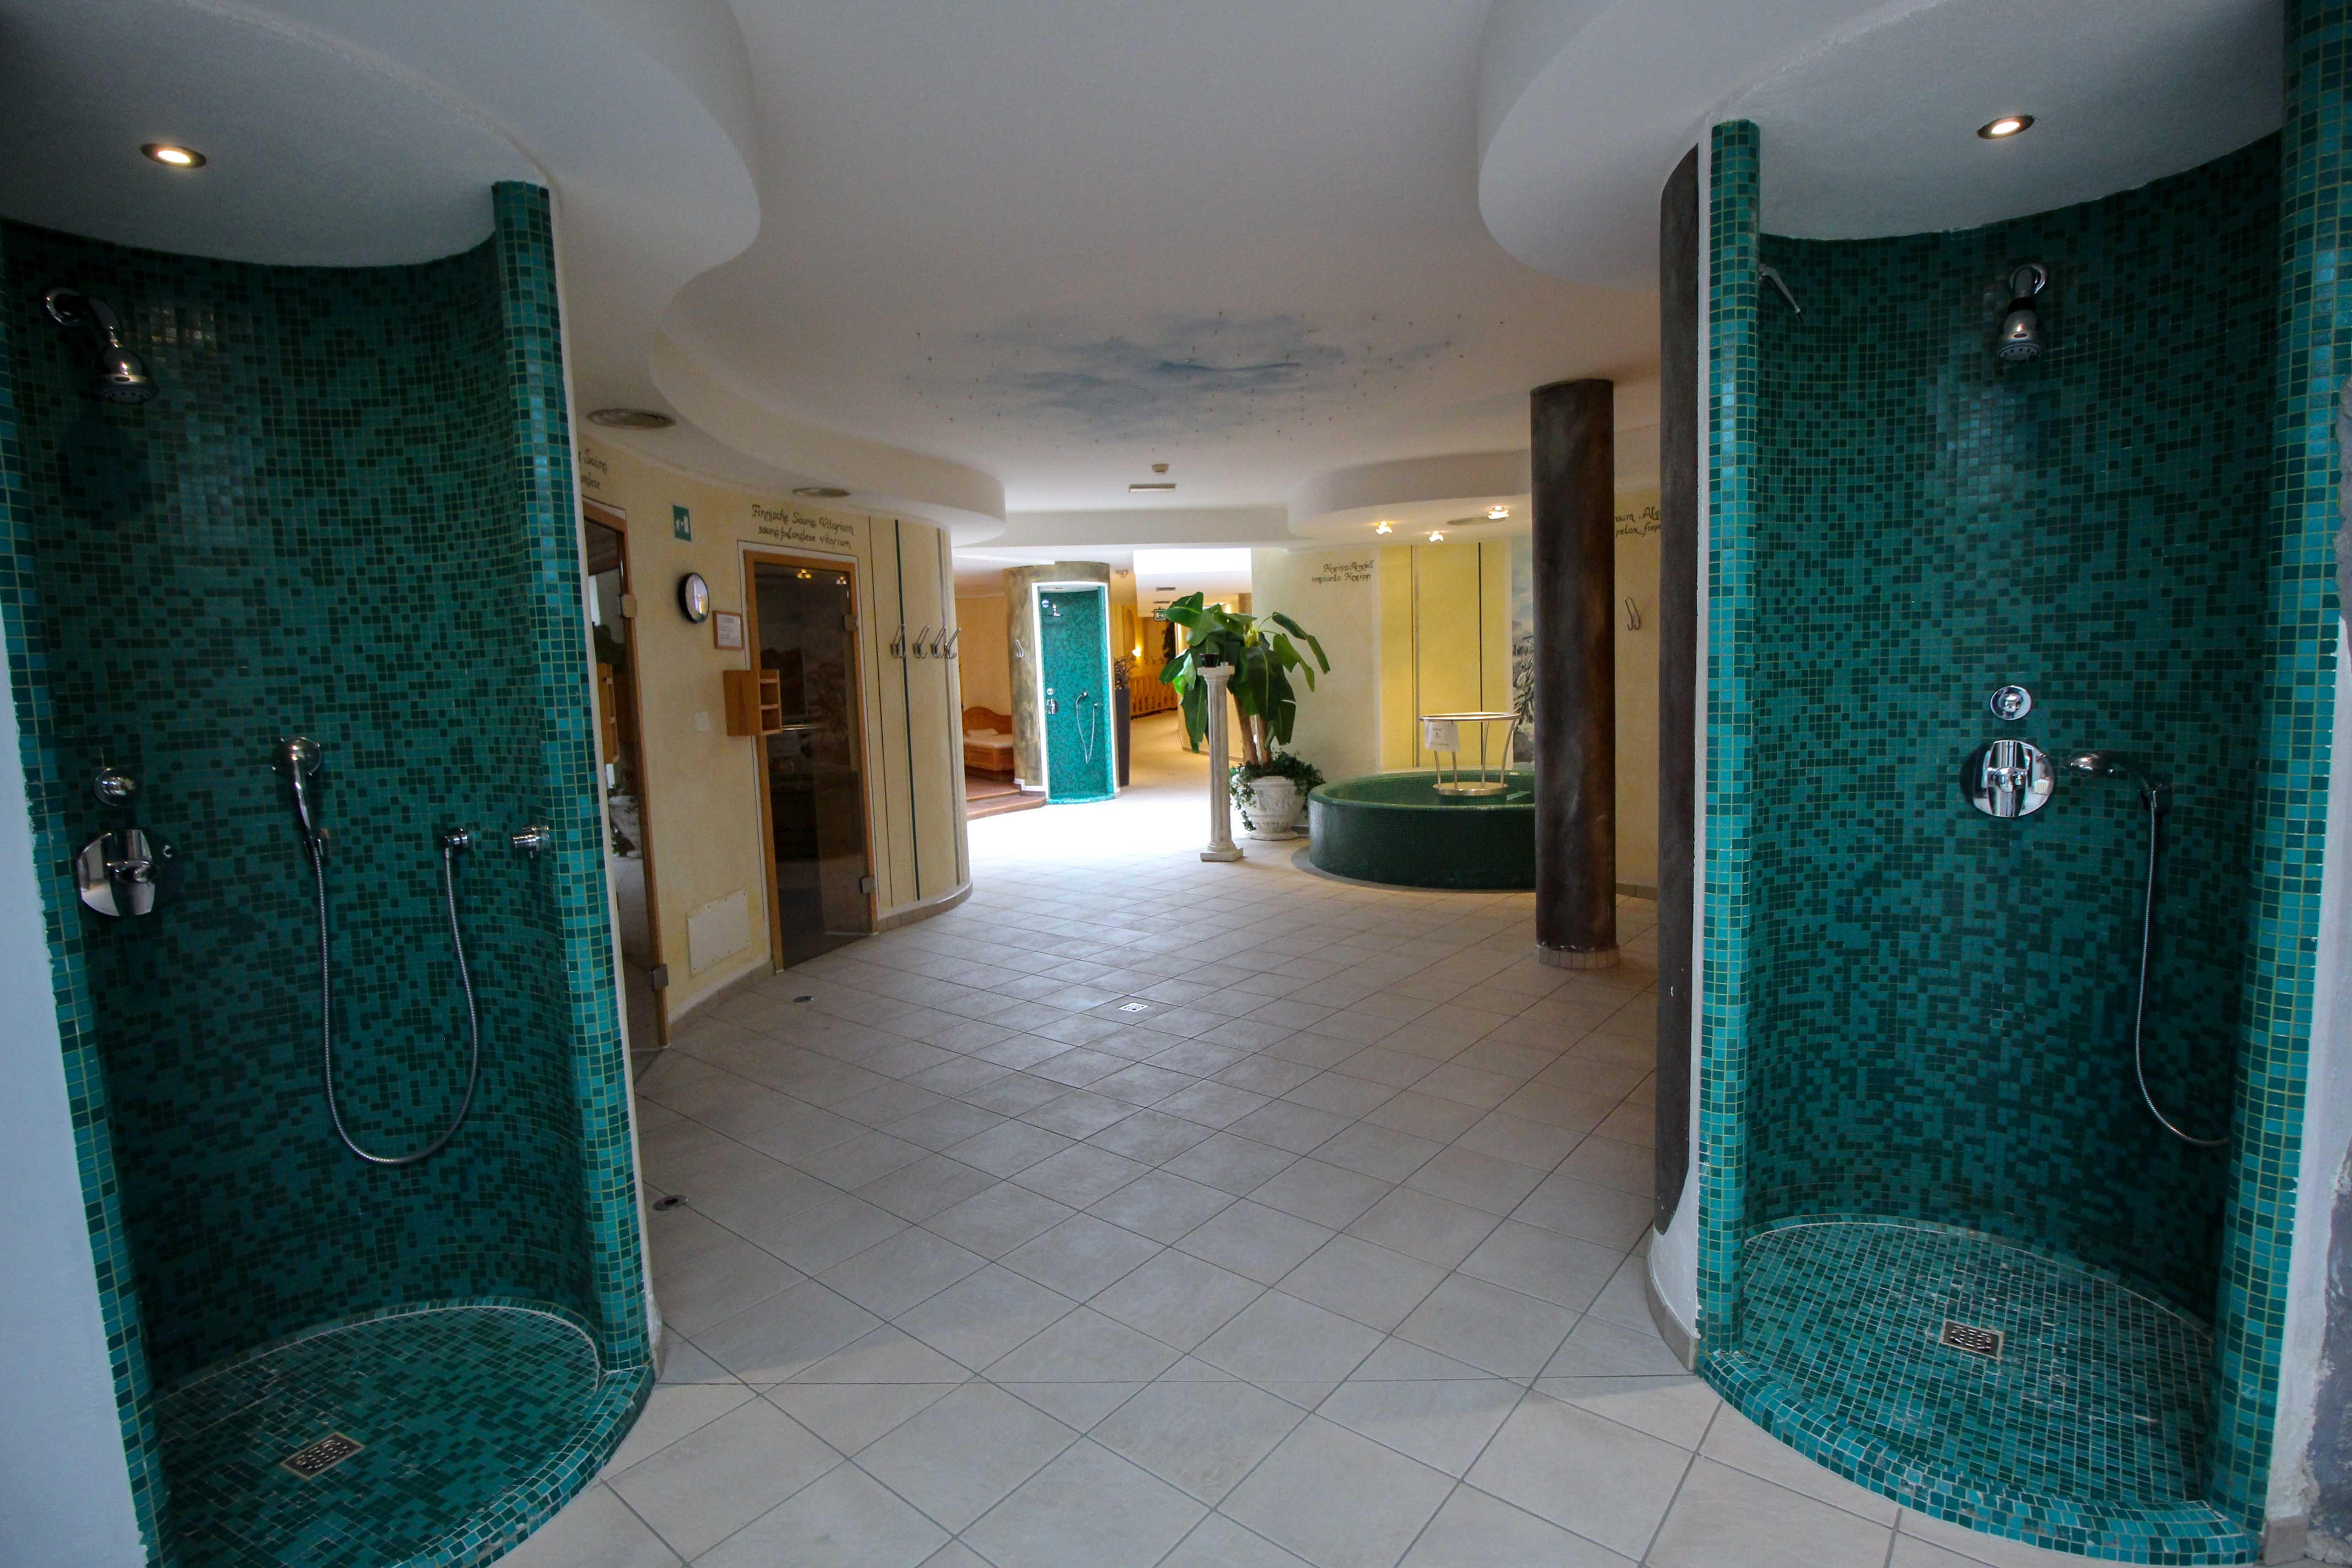 Südtirol Hotel Schneeberg Resort Spa Wellnessbereich Duschen Italien Wellnesshotel Reiseblog Wellnessurlaub Kurzurlaub Hotelempfehlung Skiurlaub